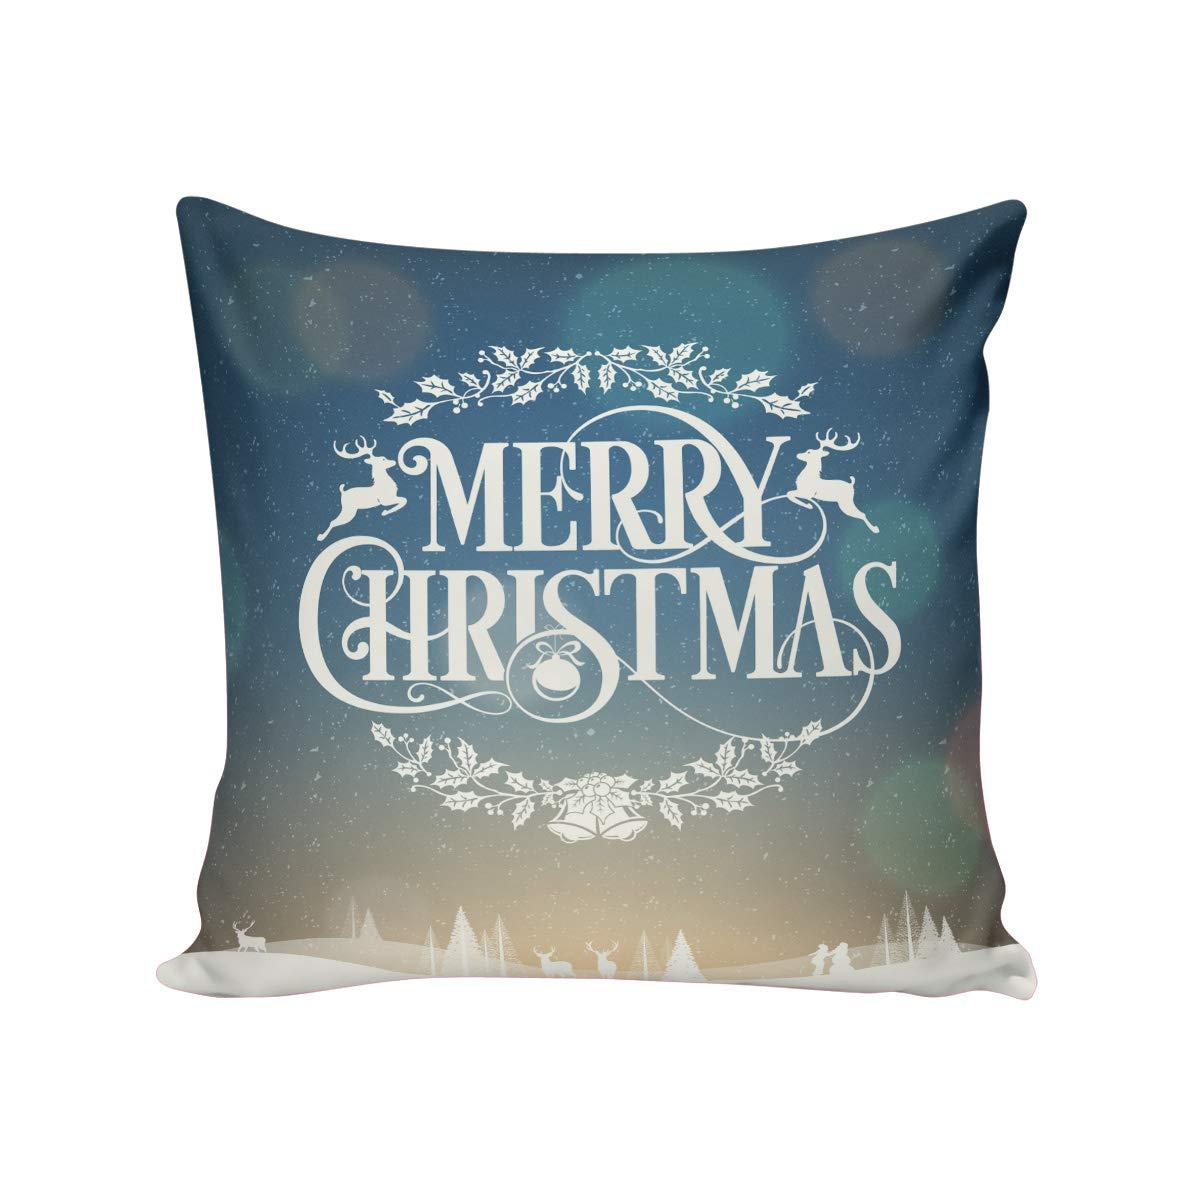 Savannan 装飾用クッションカバー ホームインテリア メリークリスマステーマ 26